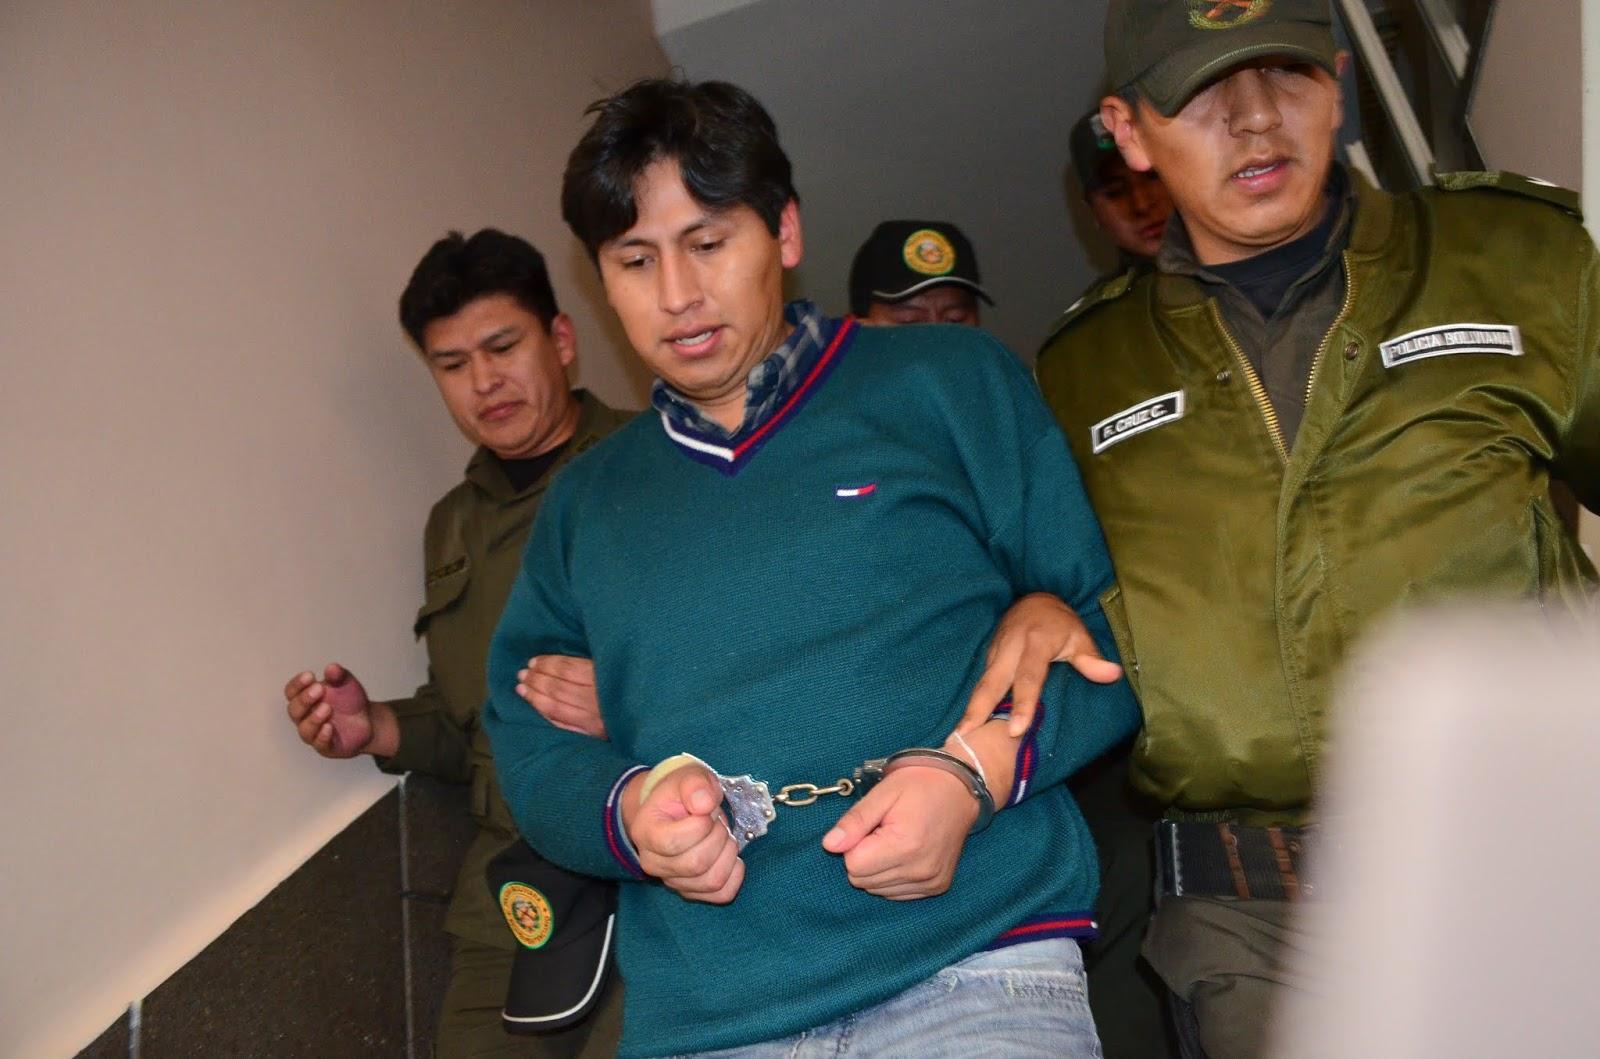 Médico Fernández no tuvo contacto con el bebé Alexander, pero fue condenado a 20 años por violación / CARLOS QUISBERT